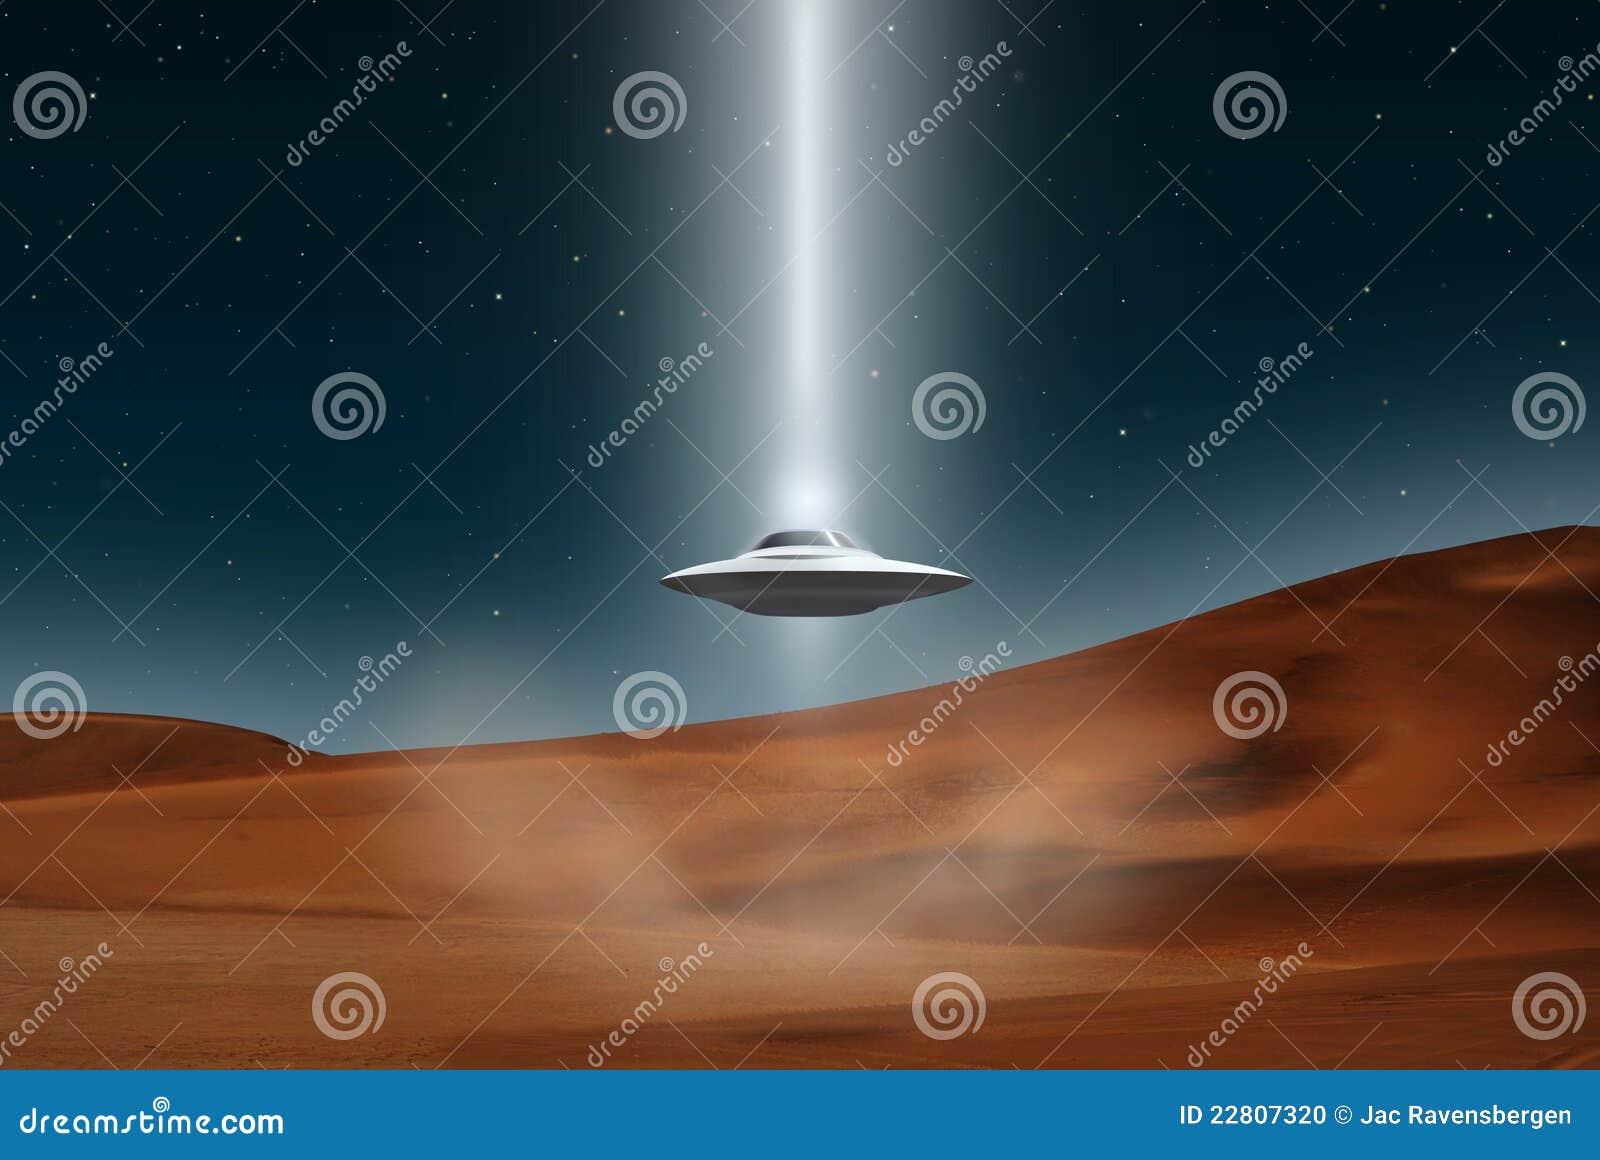 Alien aircraft ufo landing desert